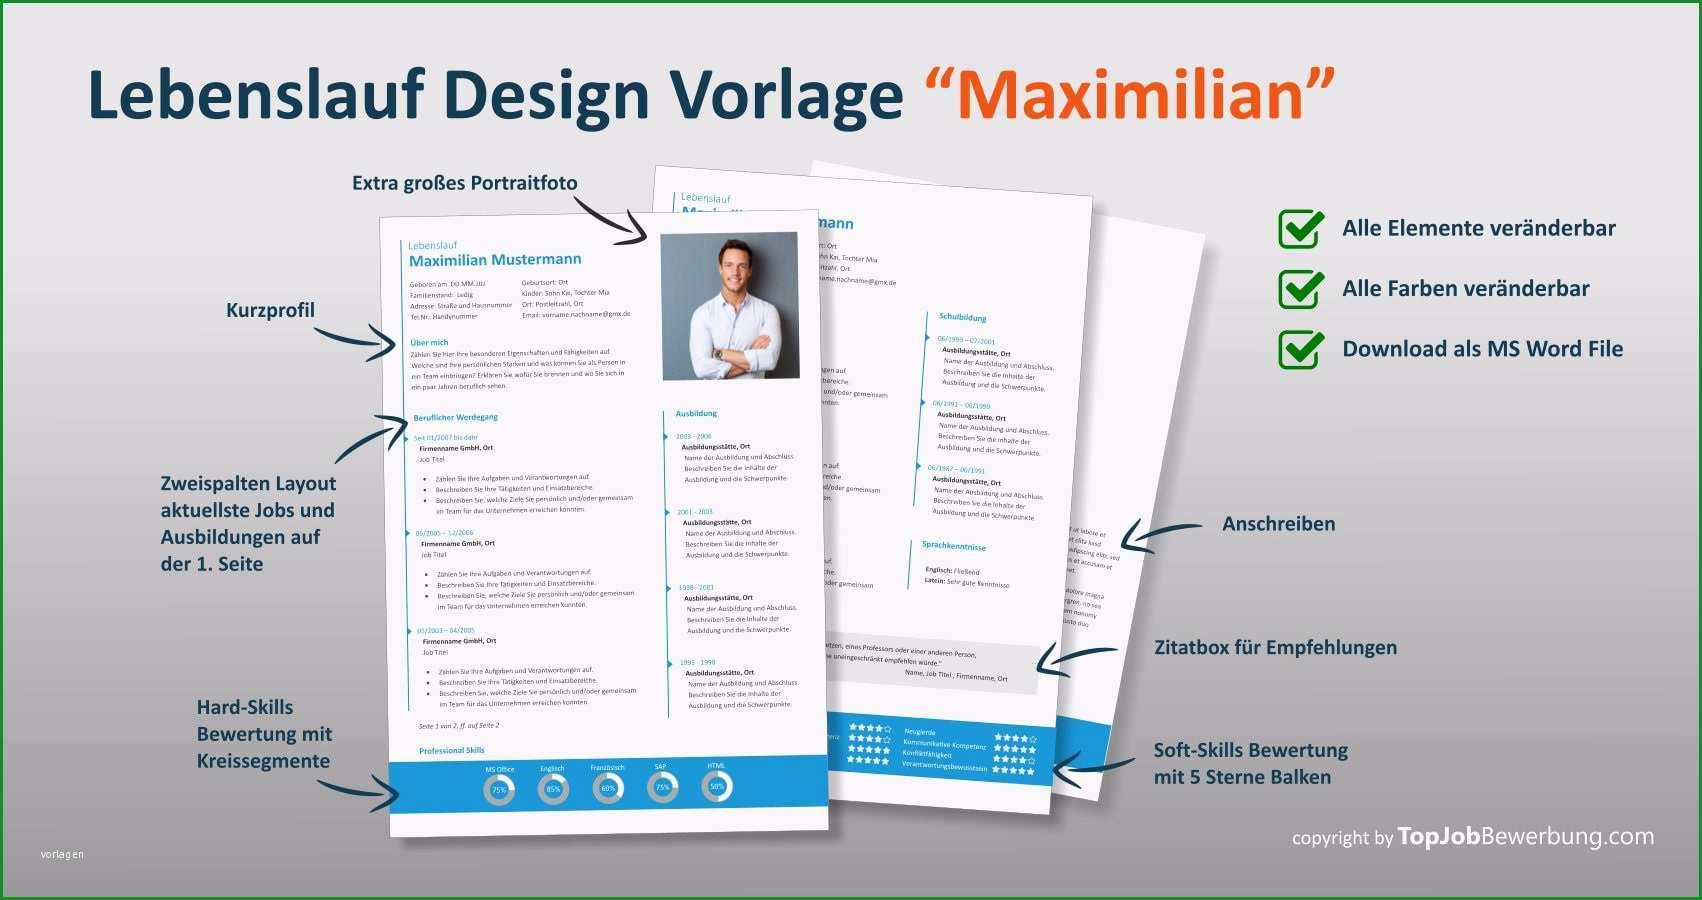 lebenslauf design vorlage professionelle bewerbung